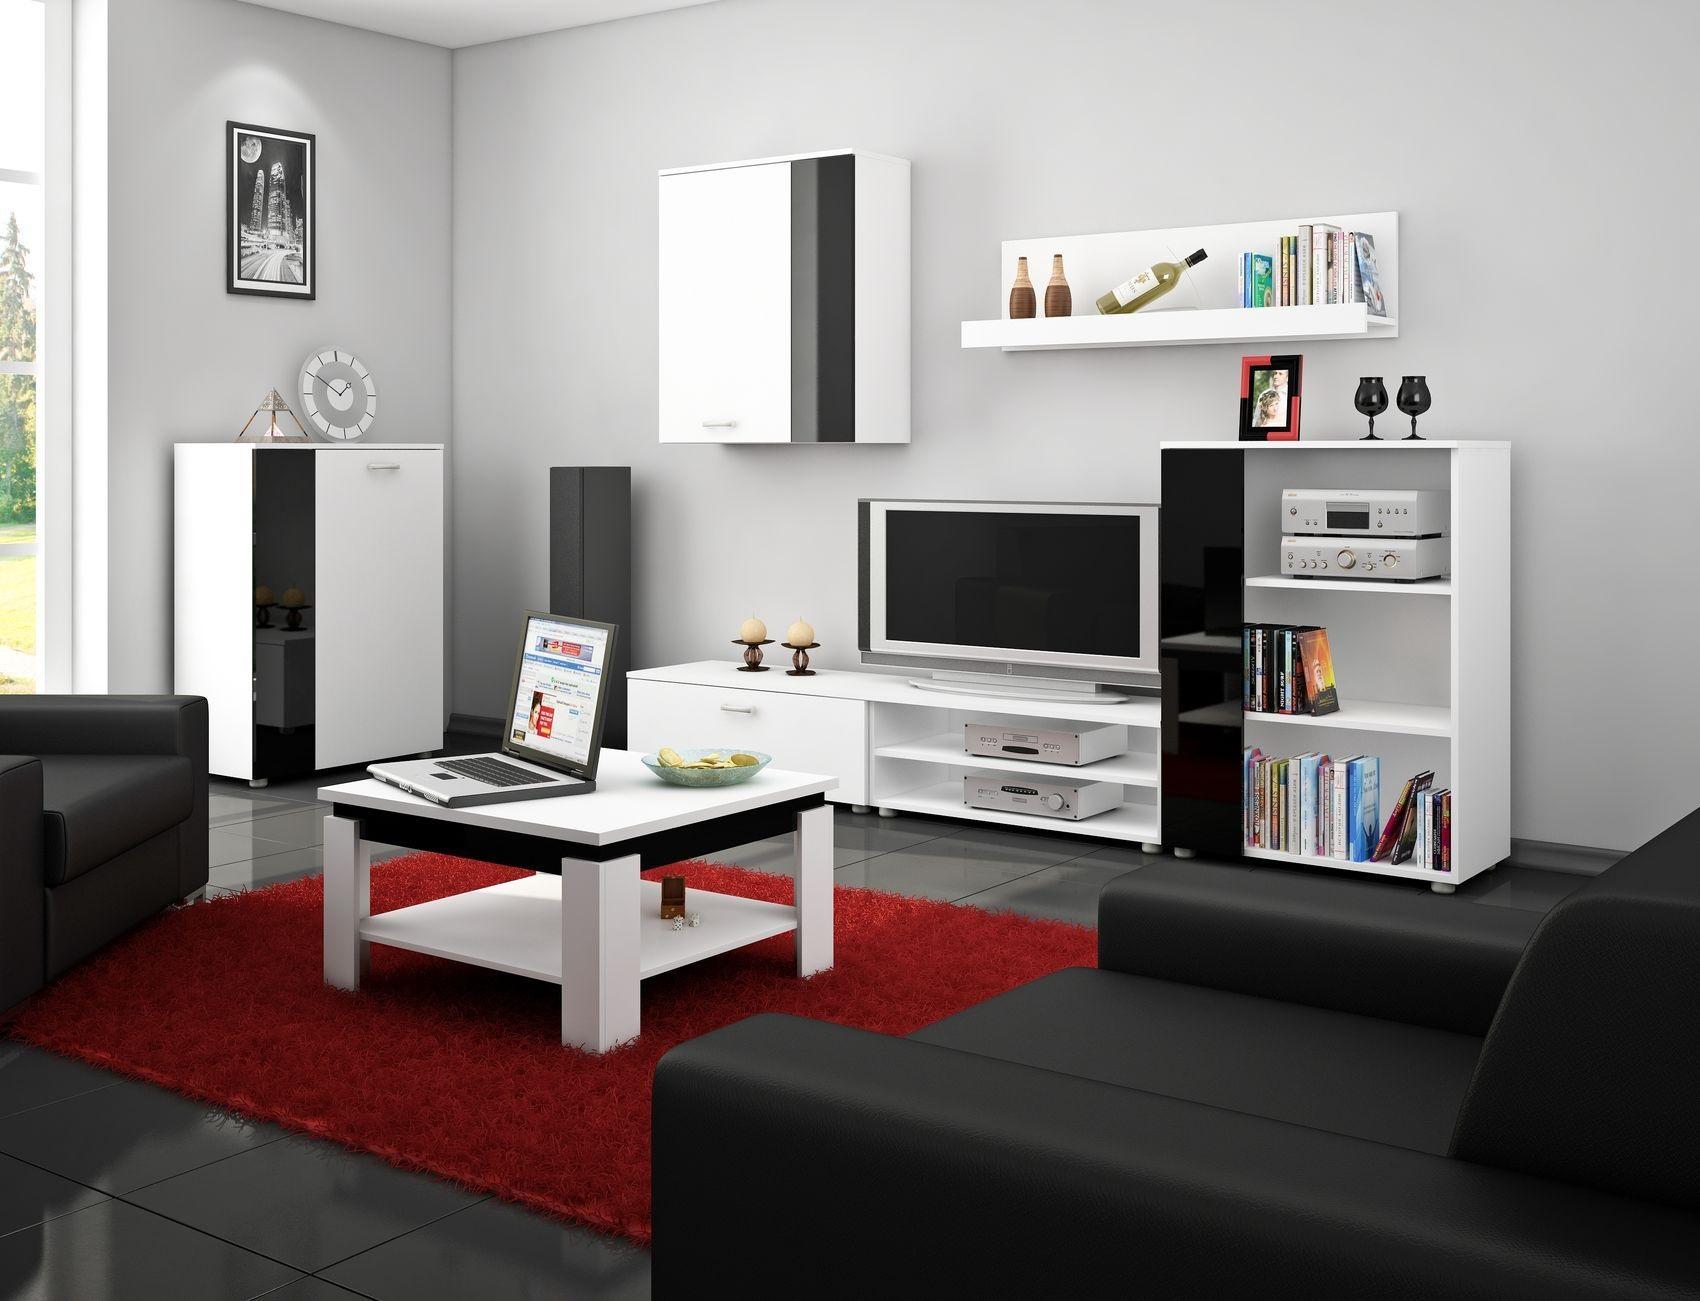 MORAVIA FLAT Obývací stěna SKY, bílá/černý lesk